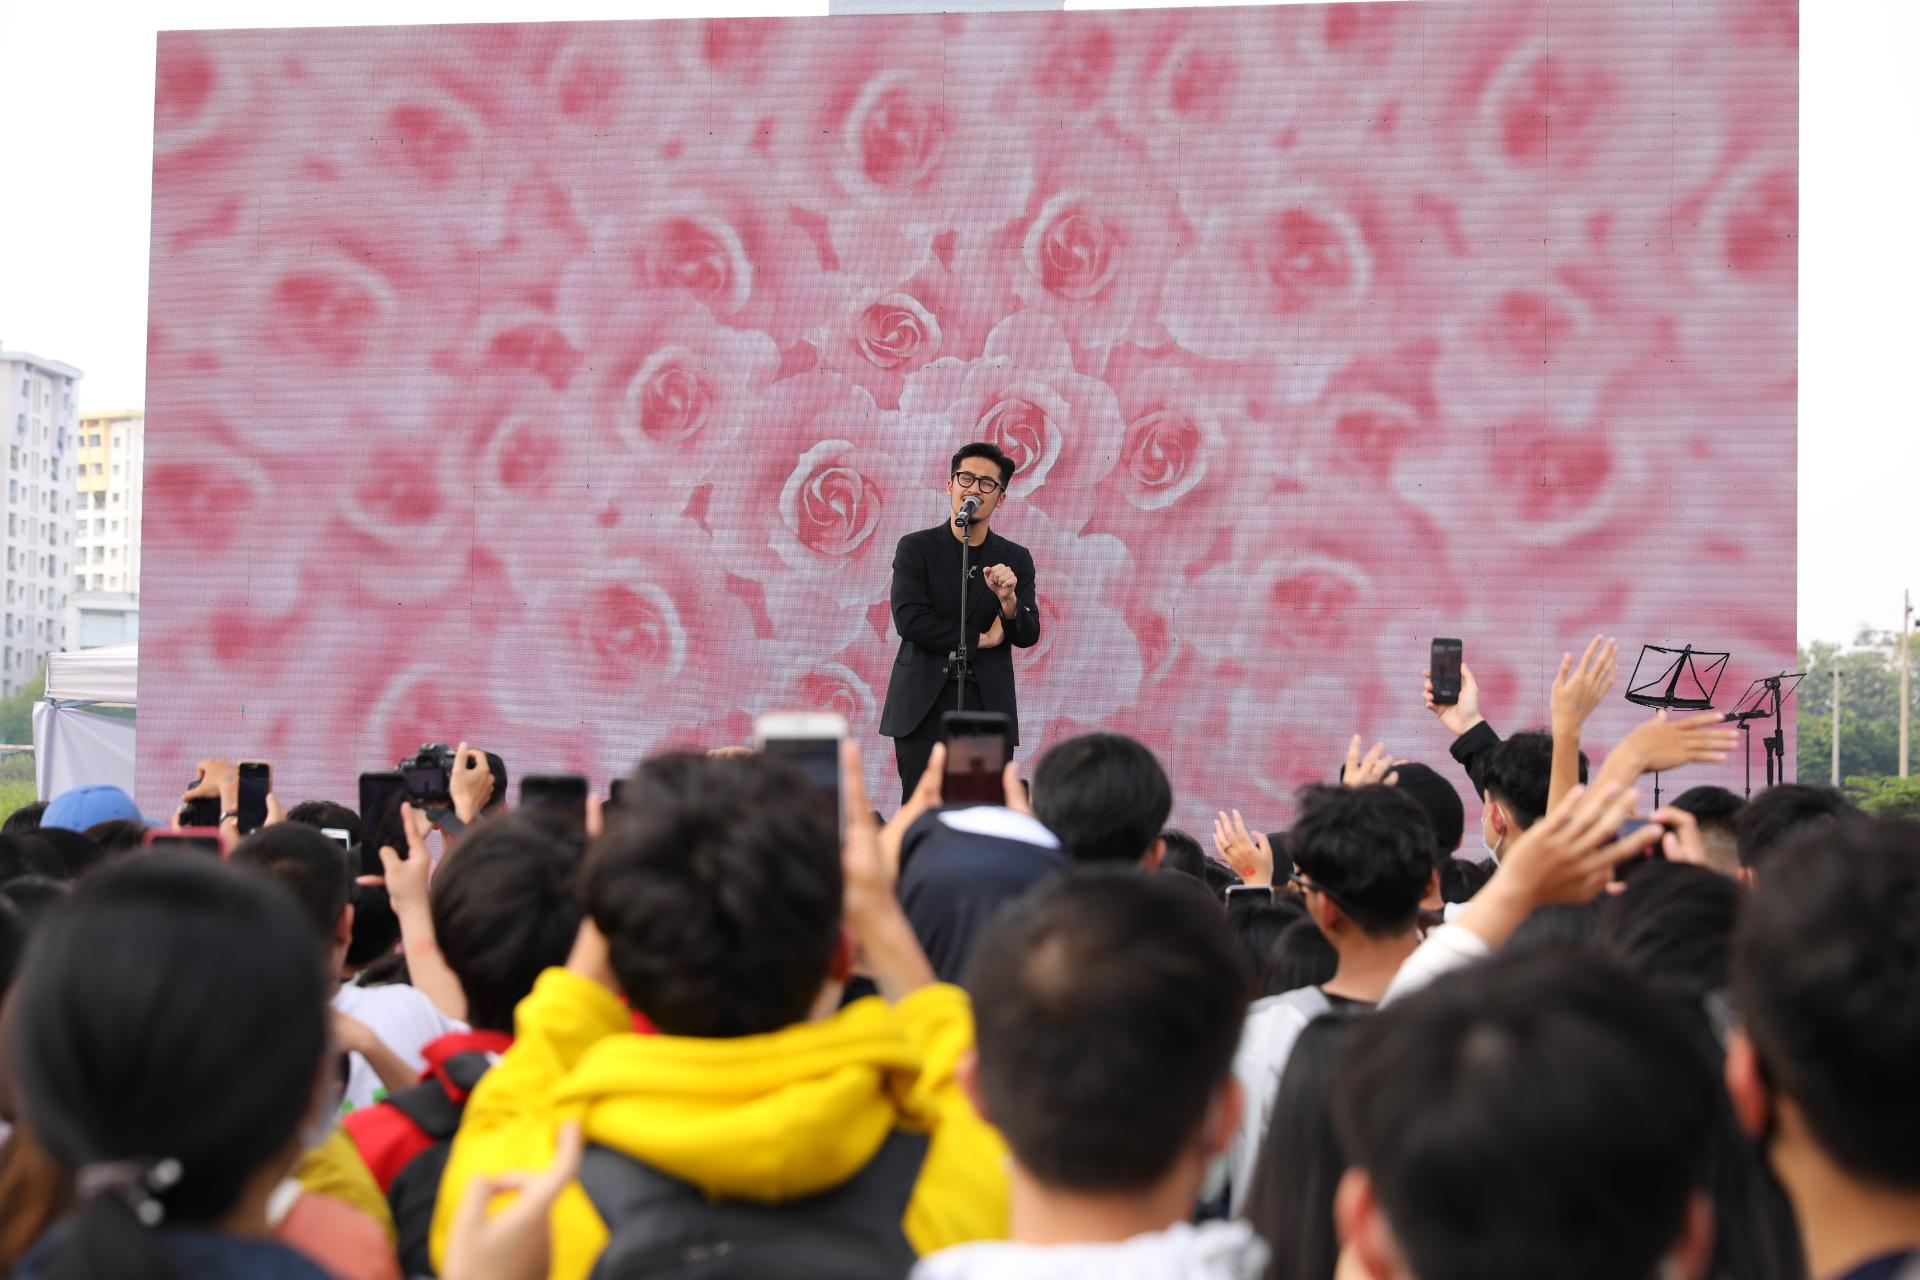 Bùng nổ niềm vui, thăng hoa hạnh phúc cùng đại nhạc hội Honda YOUTH FEST - Ảnh 3.